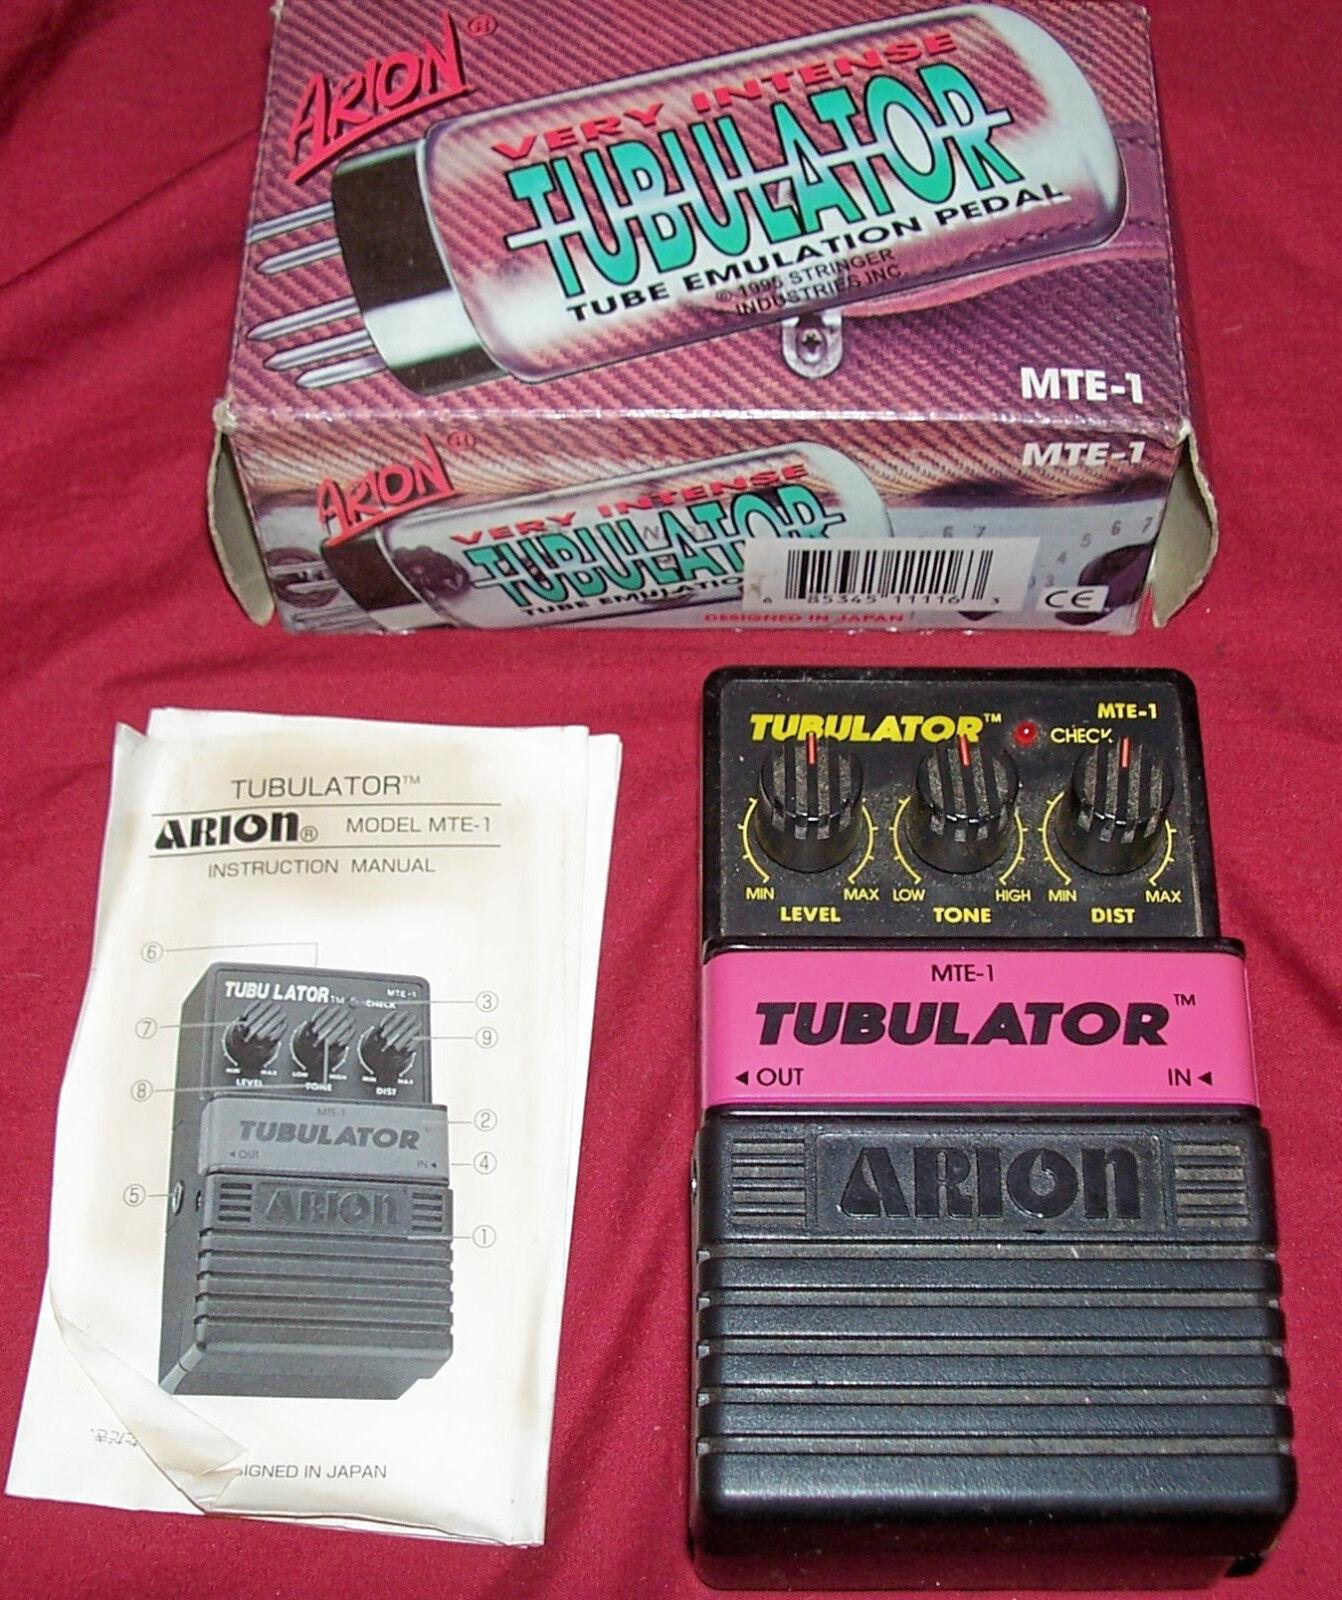 Alte Effekte Pedal Arion Tubulator Tube Emulation MTE-1 Electric Guitar Vintage